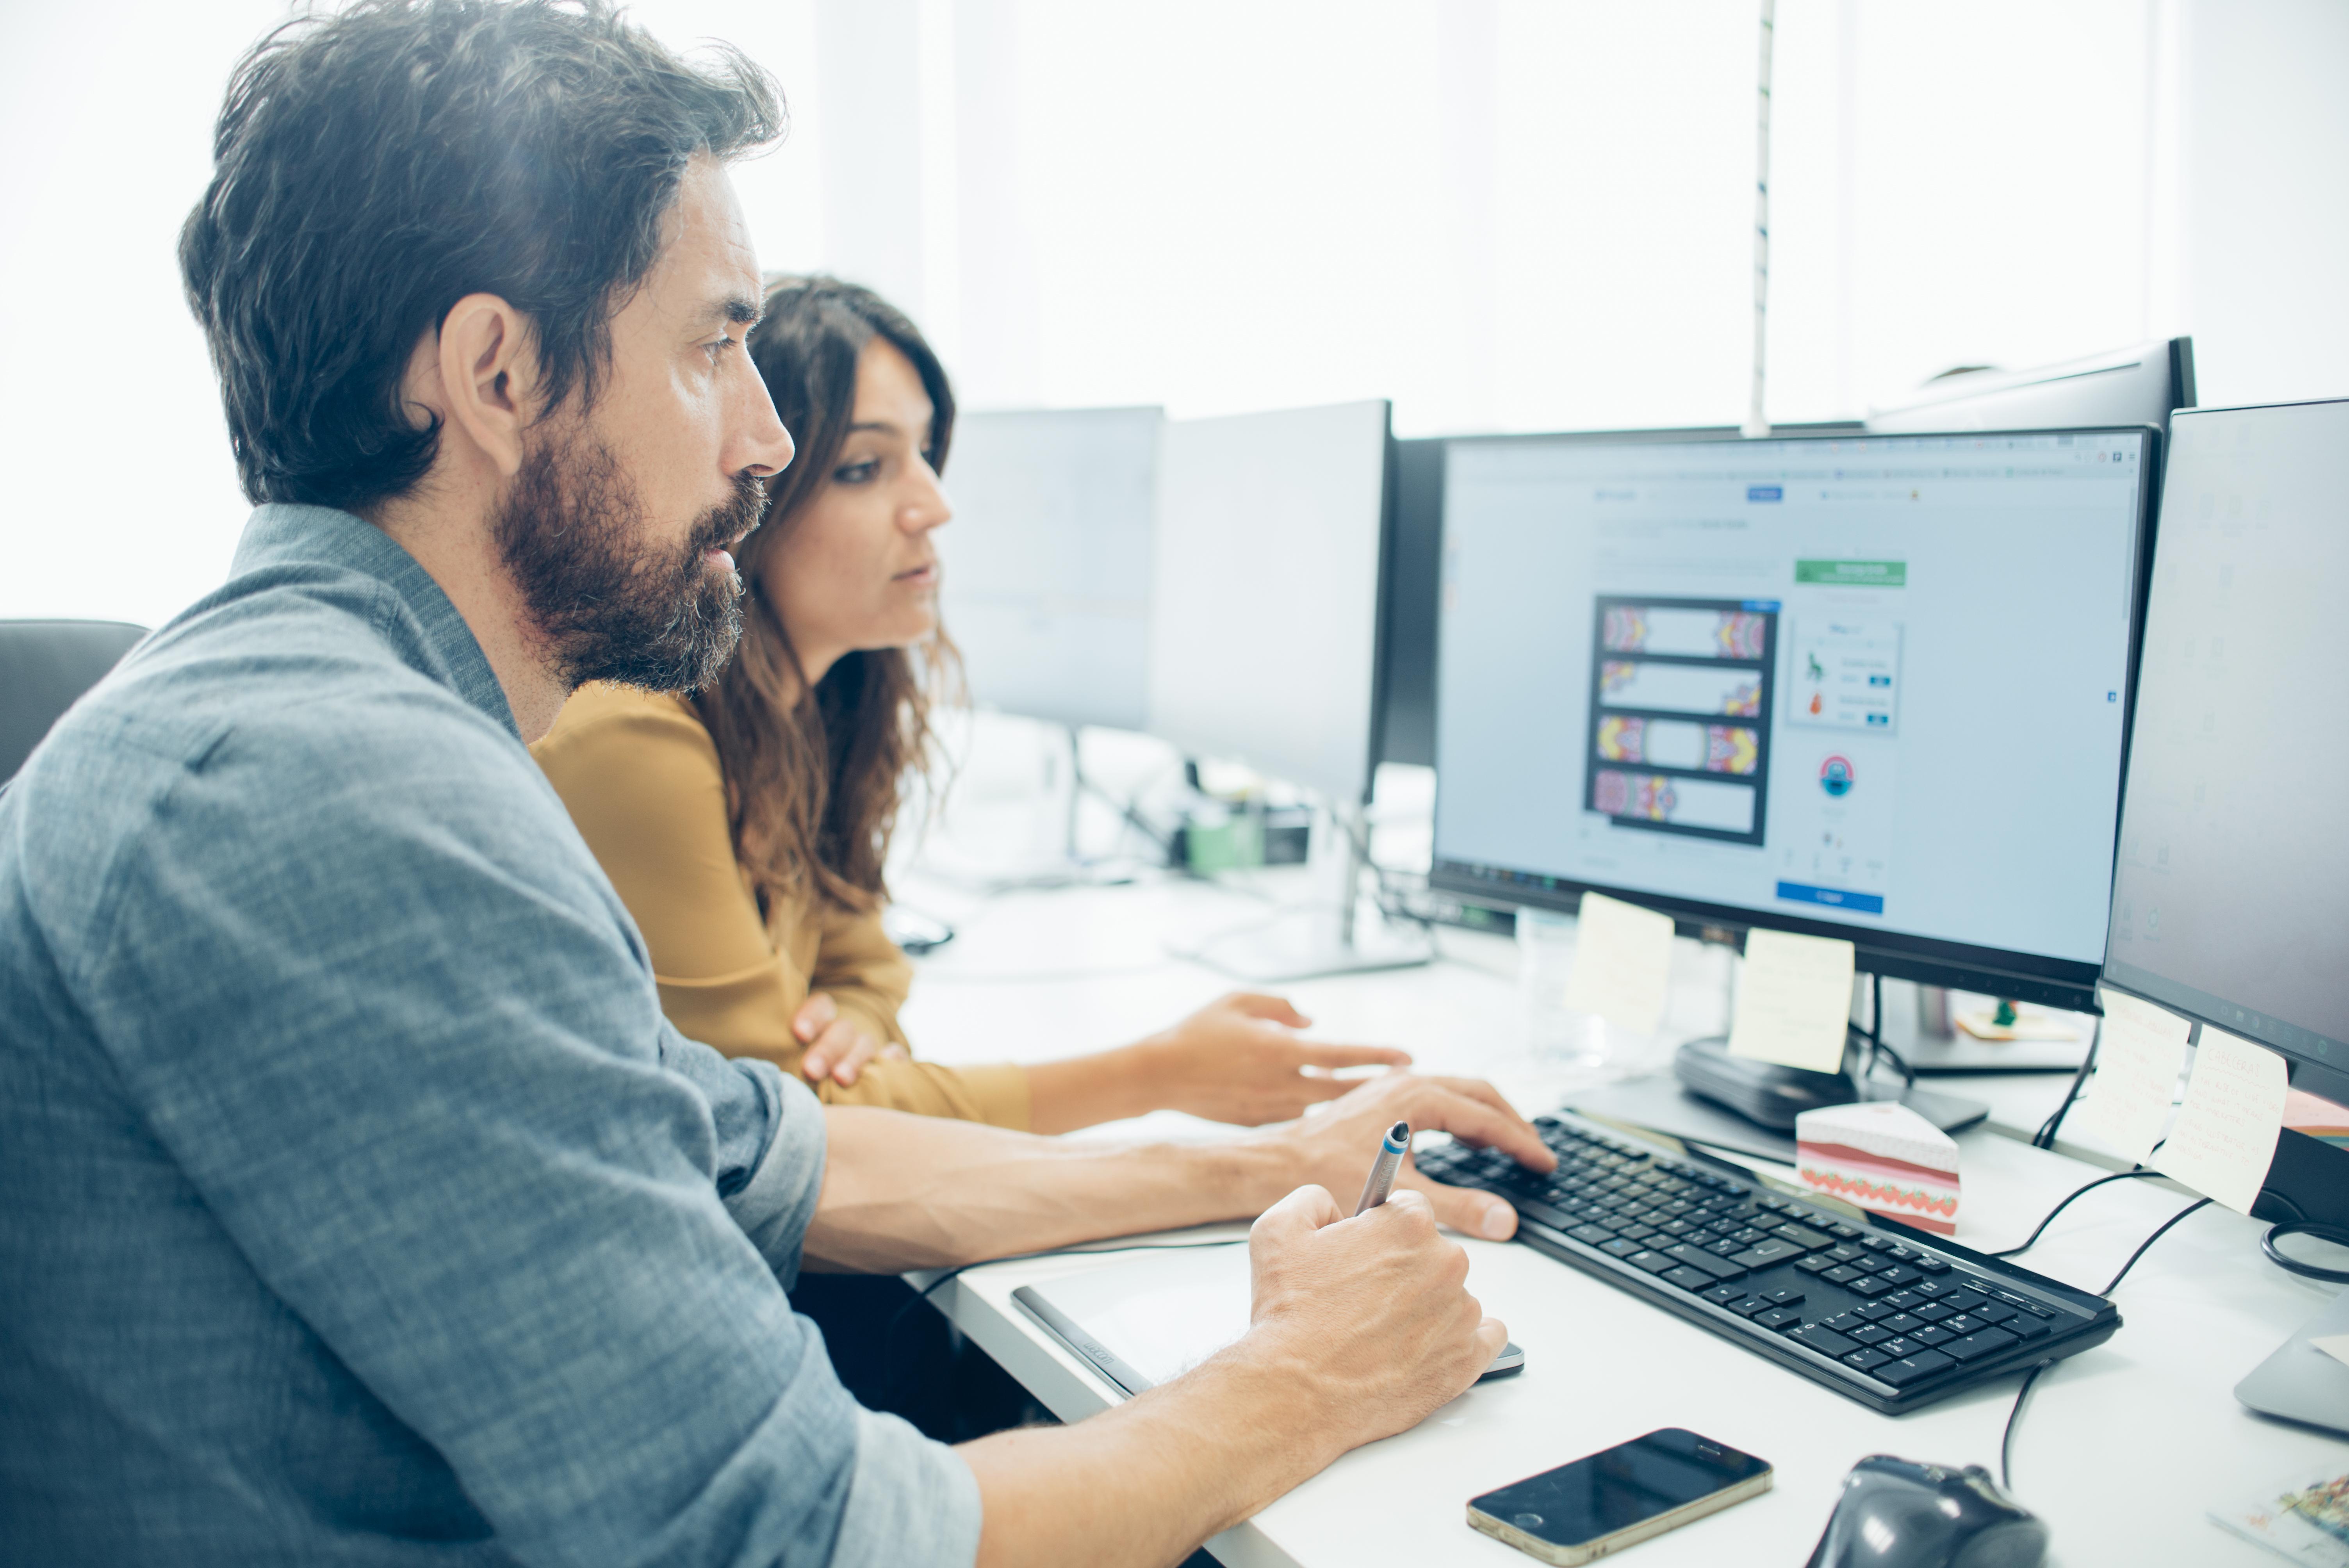 Los mejores cursos de informática y telecomunicaciones  los mejores cursos de informática y telecomunicaciones Los mejores cursos de informática y telecomunicaciones Los mejores cursos de inform  tica y telecomunicaciones